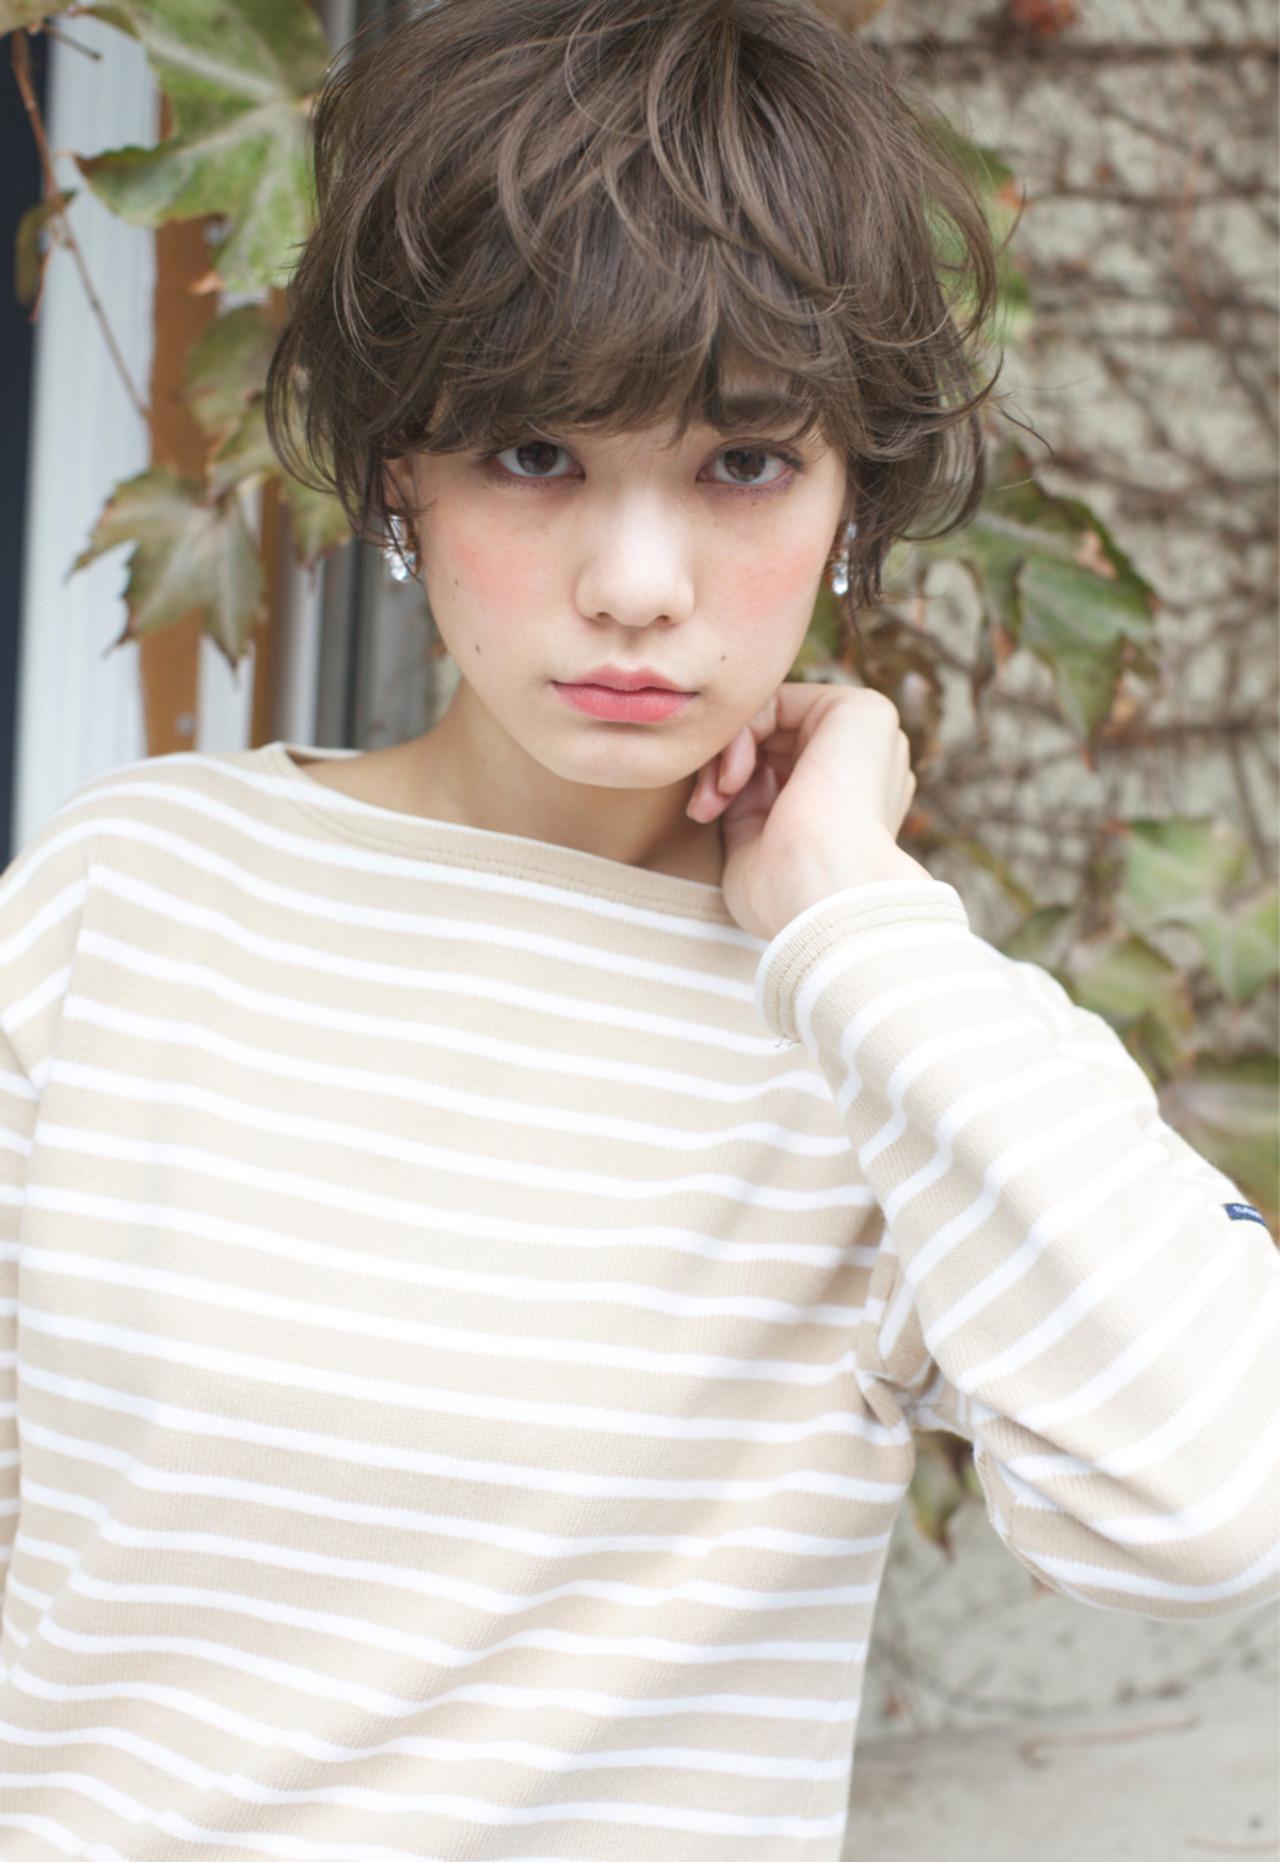 パーマ 外国人風 大人かわいい ショート ヘアスタイルや髪型の写真・画像